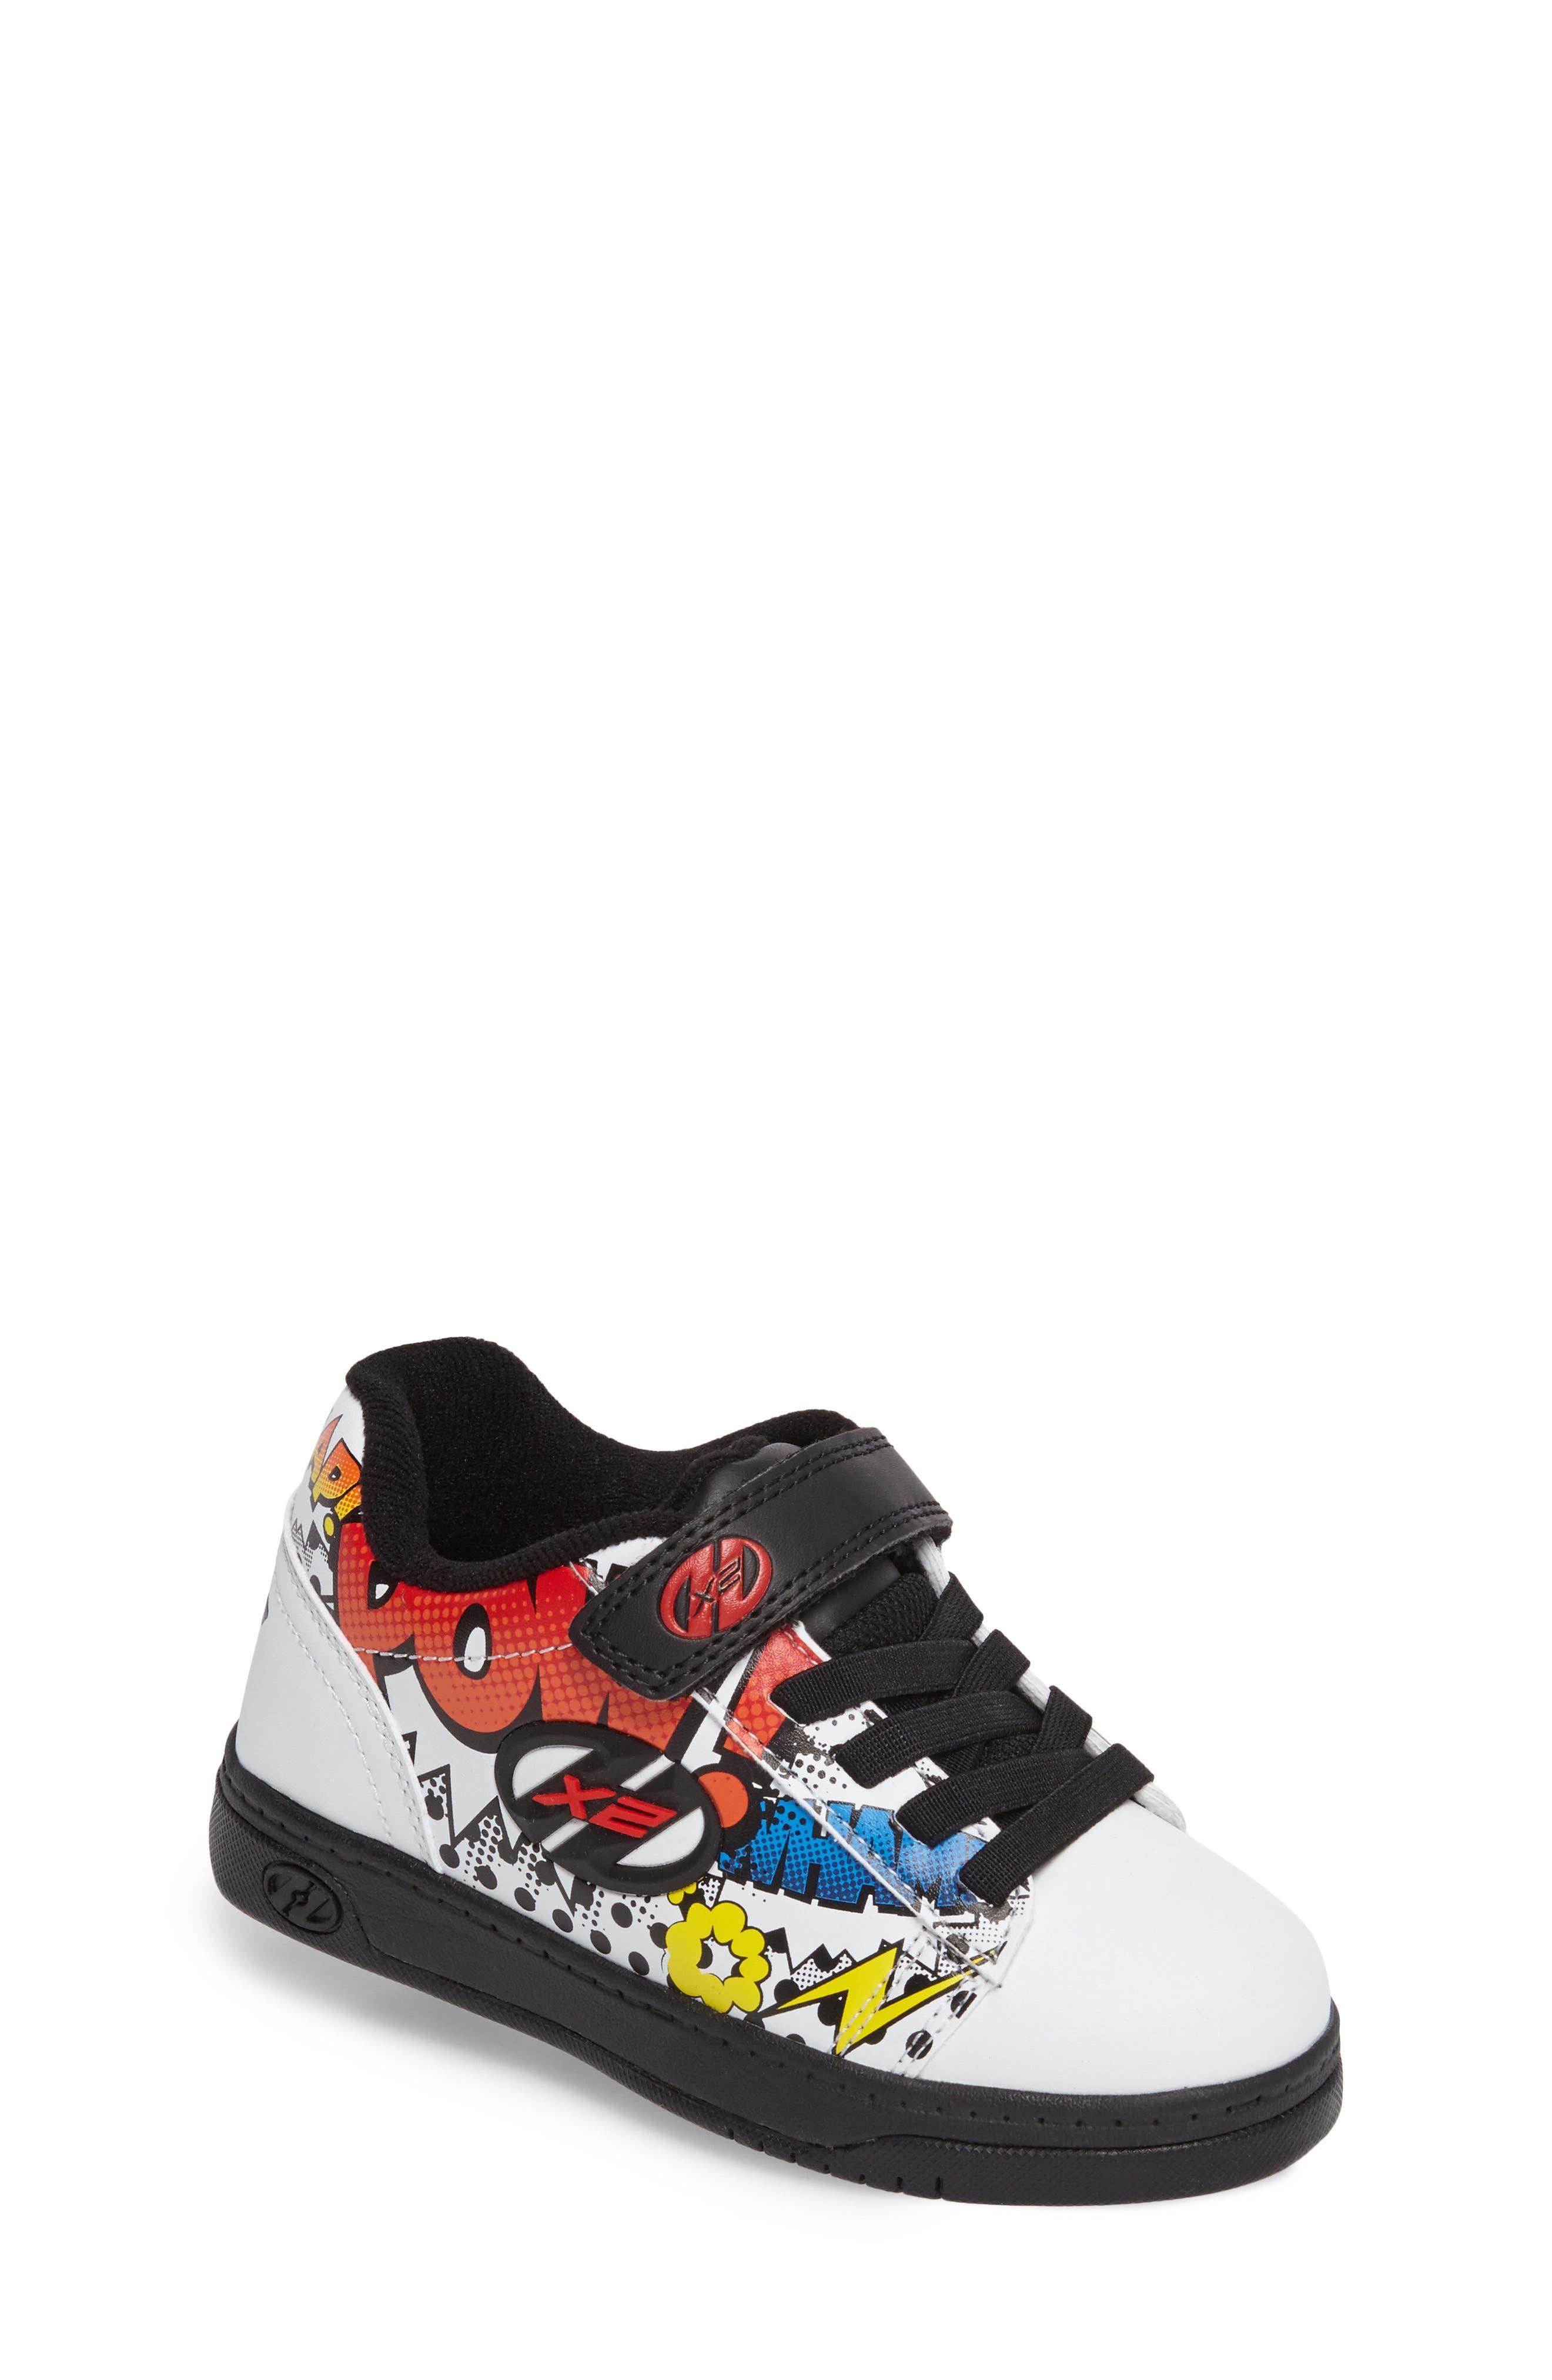 Dual Up X2 Comic Sneaker,                             Main thumbnail 1, color,                             White/ Black/ Multi Comic